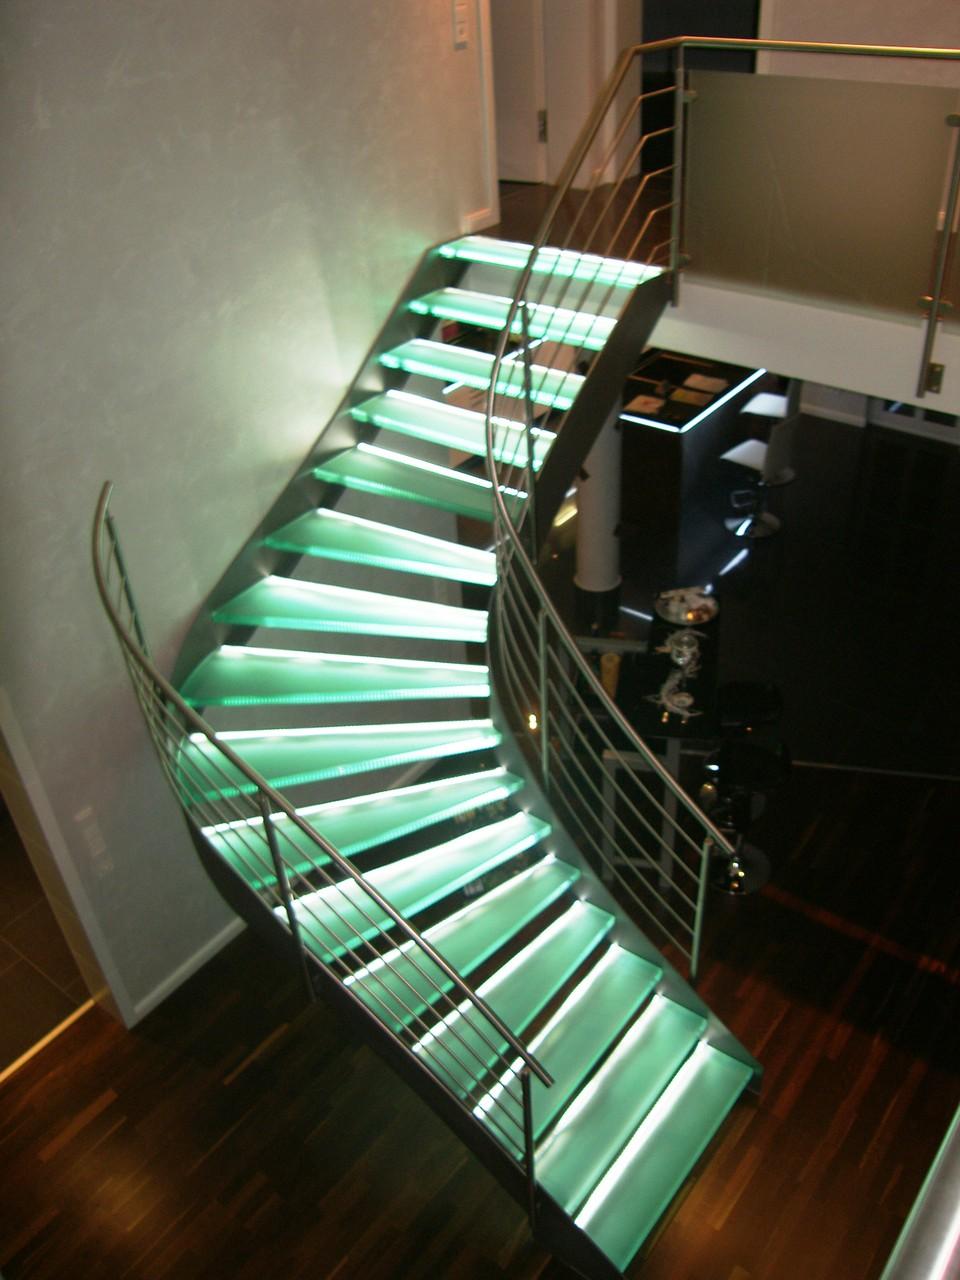 Glastreppe München G 100 - Treppe des Jahres 2010